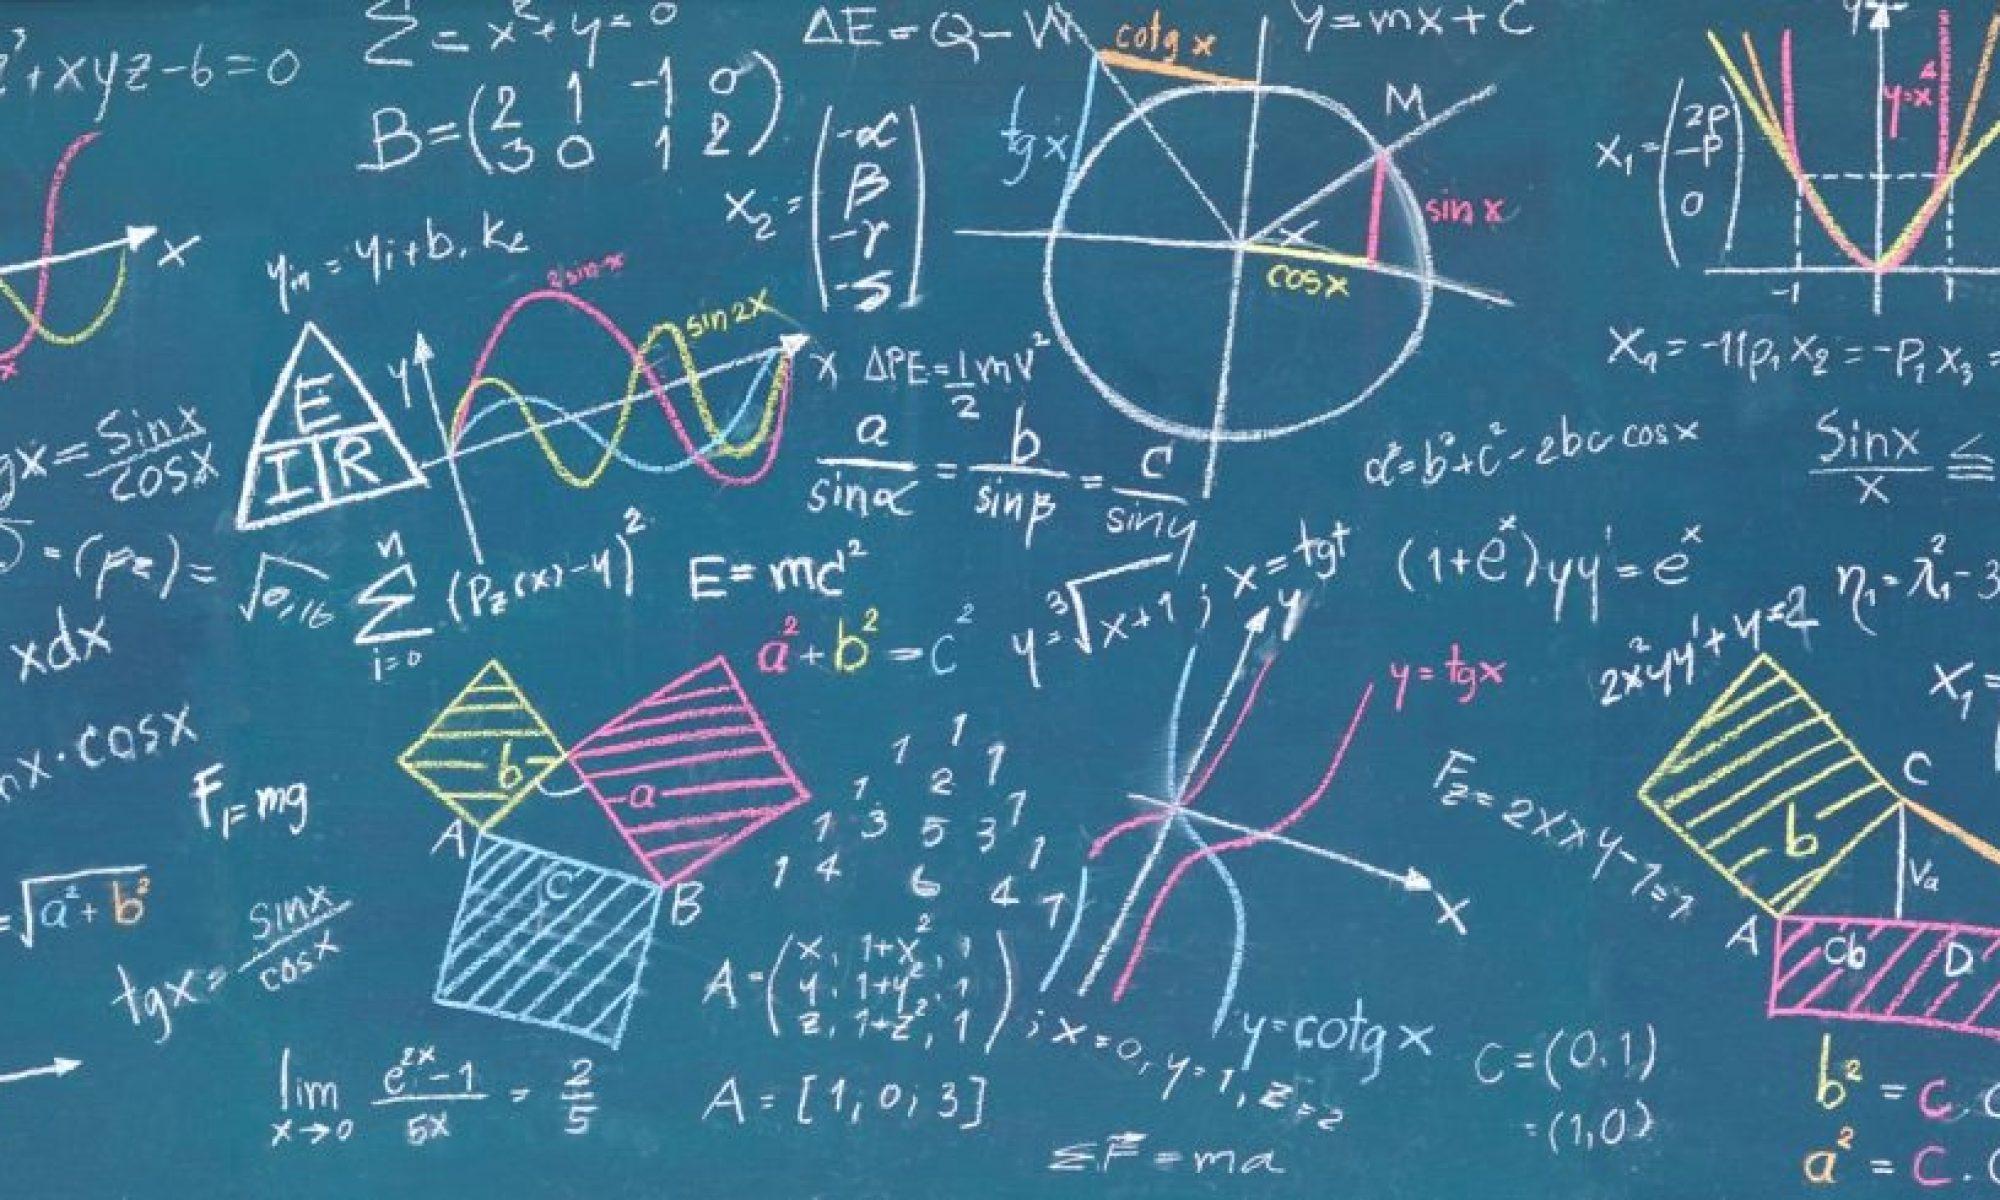 Depto. de Matematicas y Economía